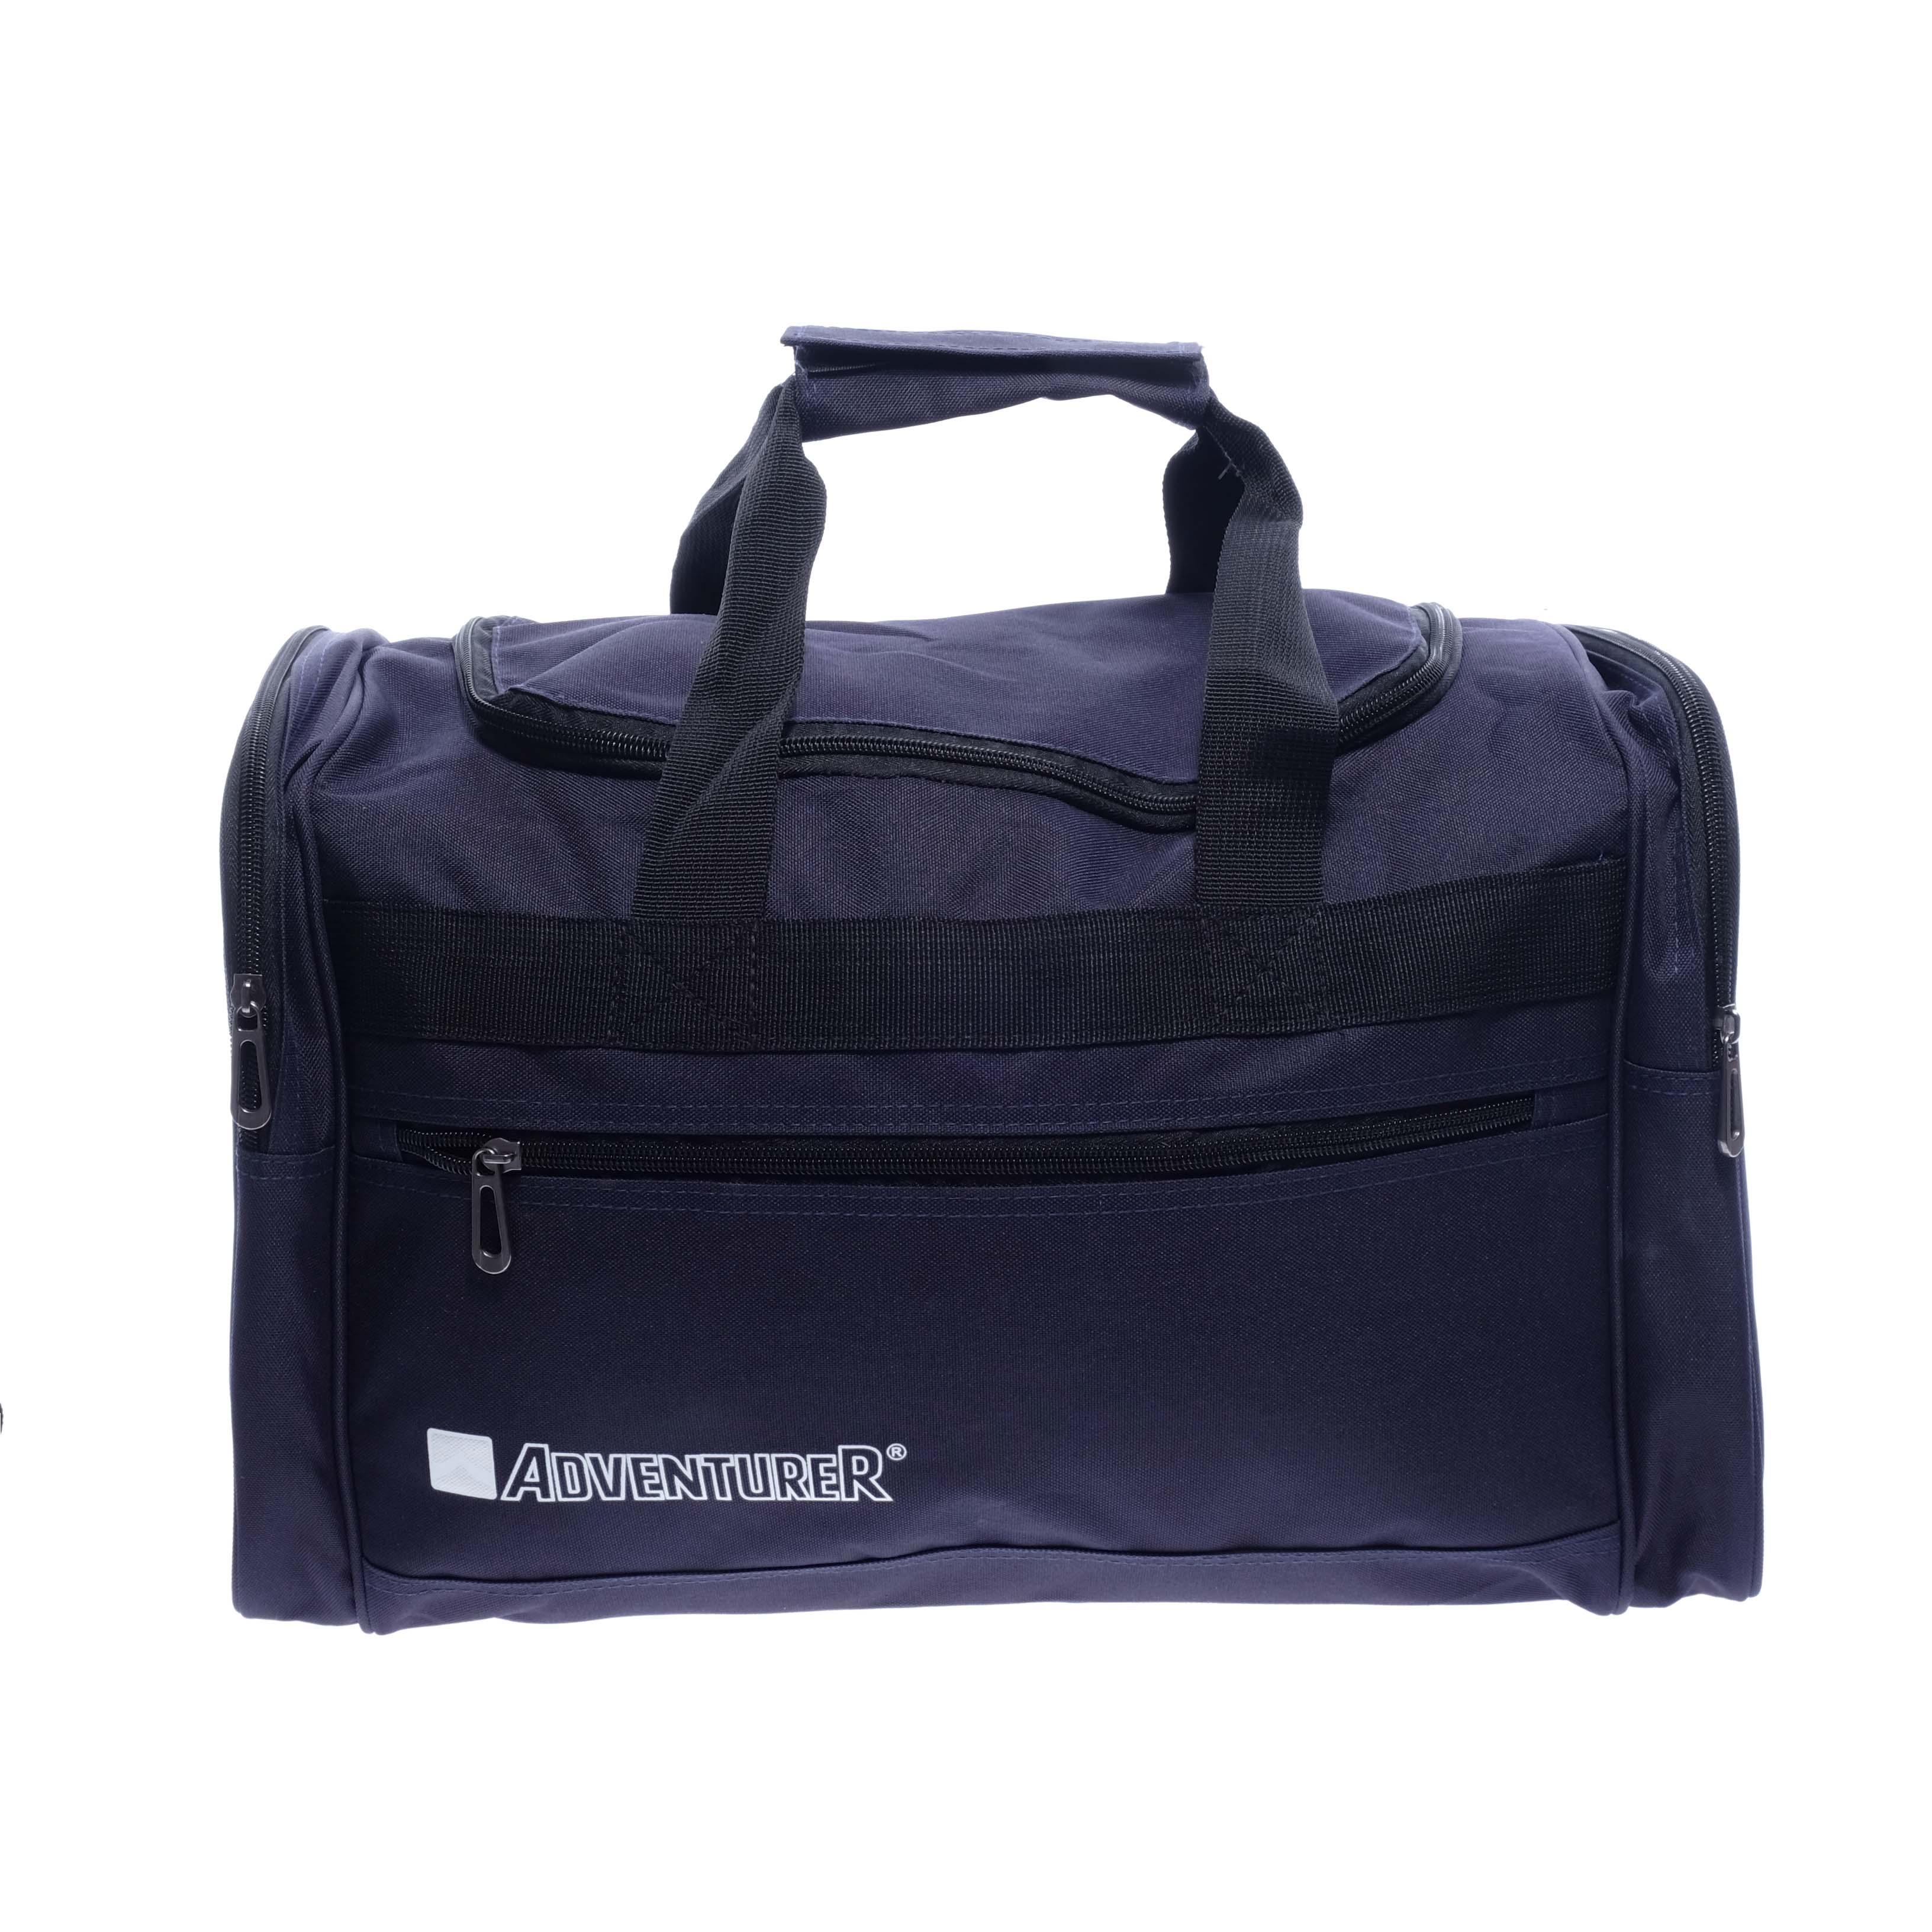 fd5788622cc6 Adventurer Sötétkék Sporttáska - KIS MÉRETŰ UTAZÓTÁSKA - Táska webáruház -  Minőségi táskák mindenkinek